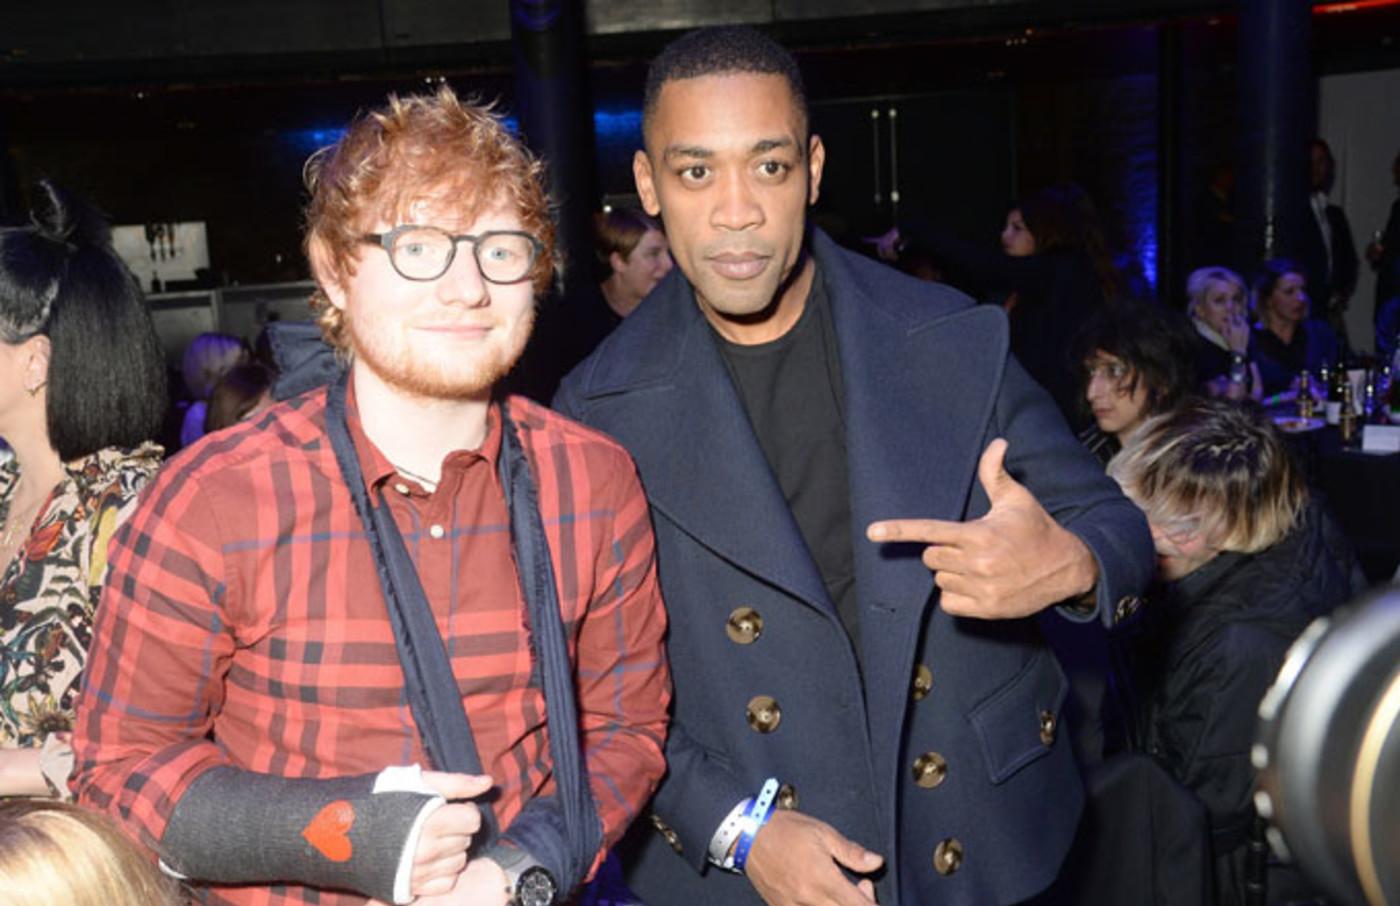 Ed Sheeran and Wiley